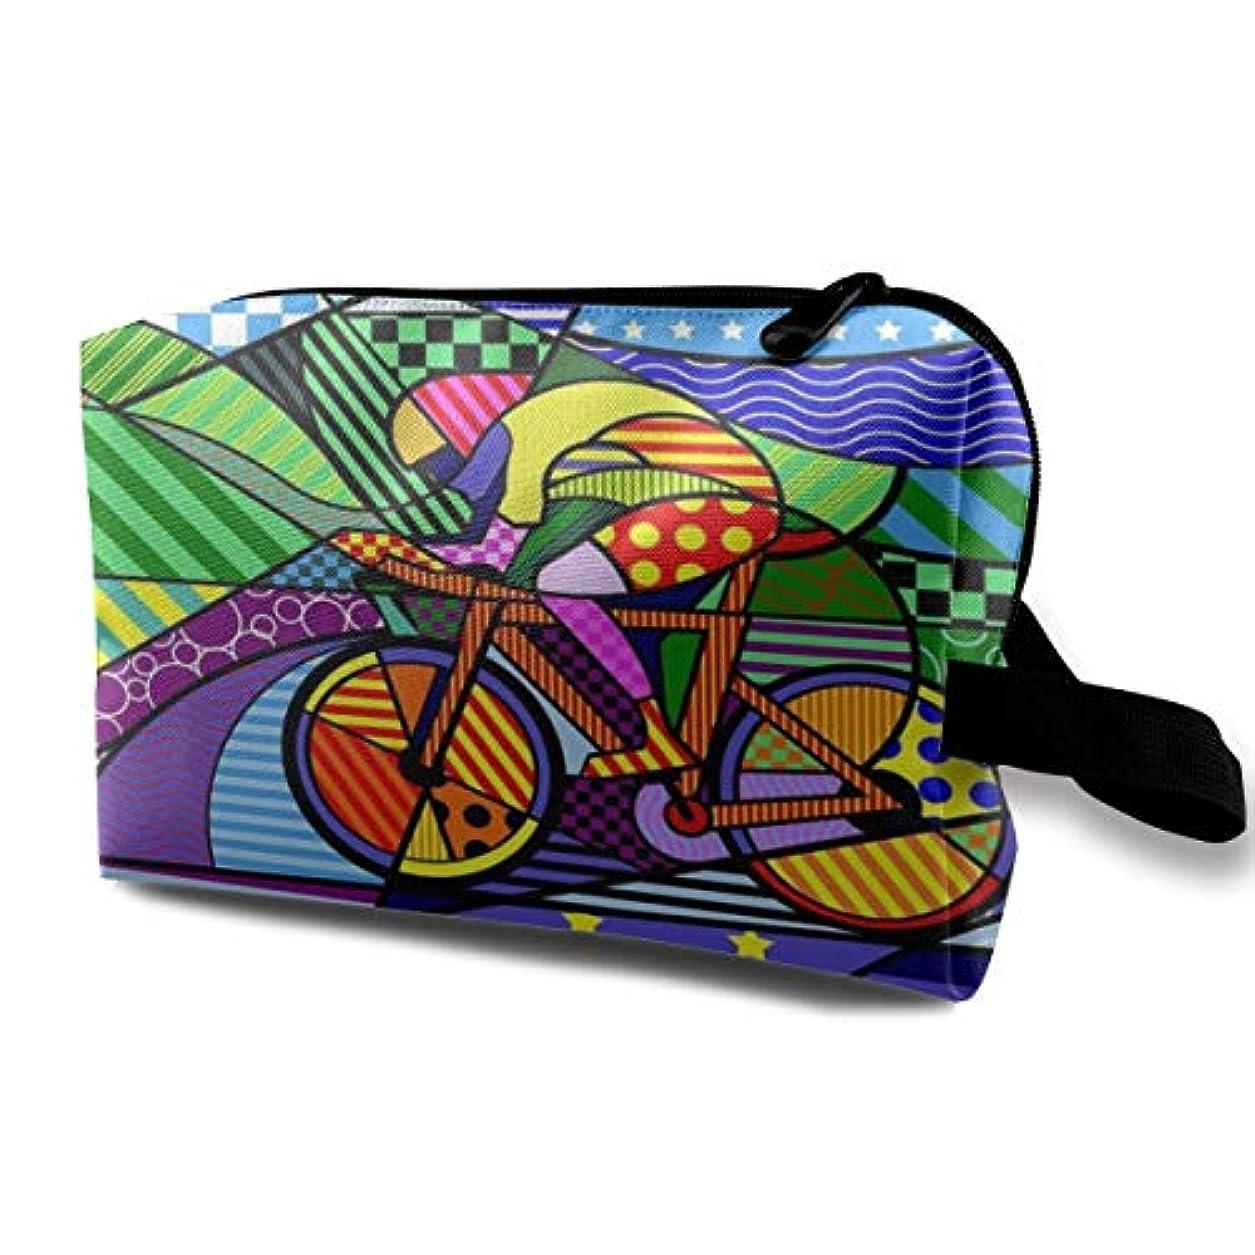 地質学流行している一握りColorful Bicycle Paiting 収納ポーチ 化粧ポーチ 大容量 軽量 耐久性 ハンドル付持ち運び便利。入れ 自宅?出張?旅行?アウトドア撮影などに対応。メンズ レディース トラベルグッズ